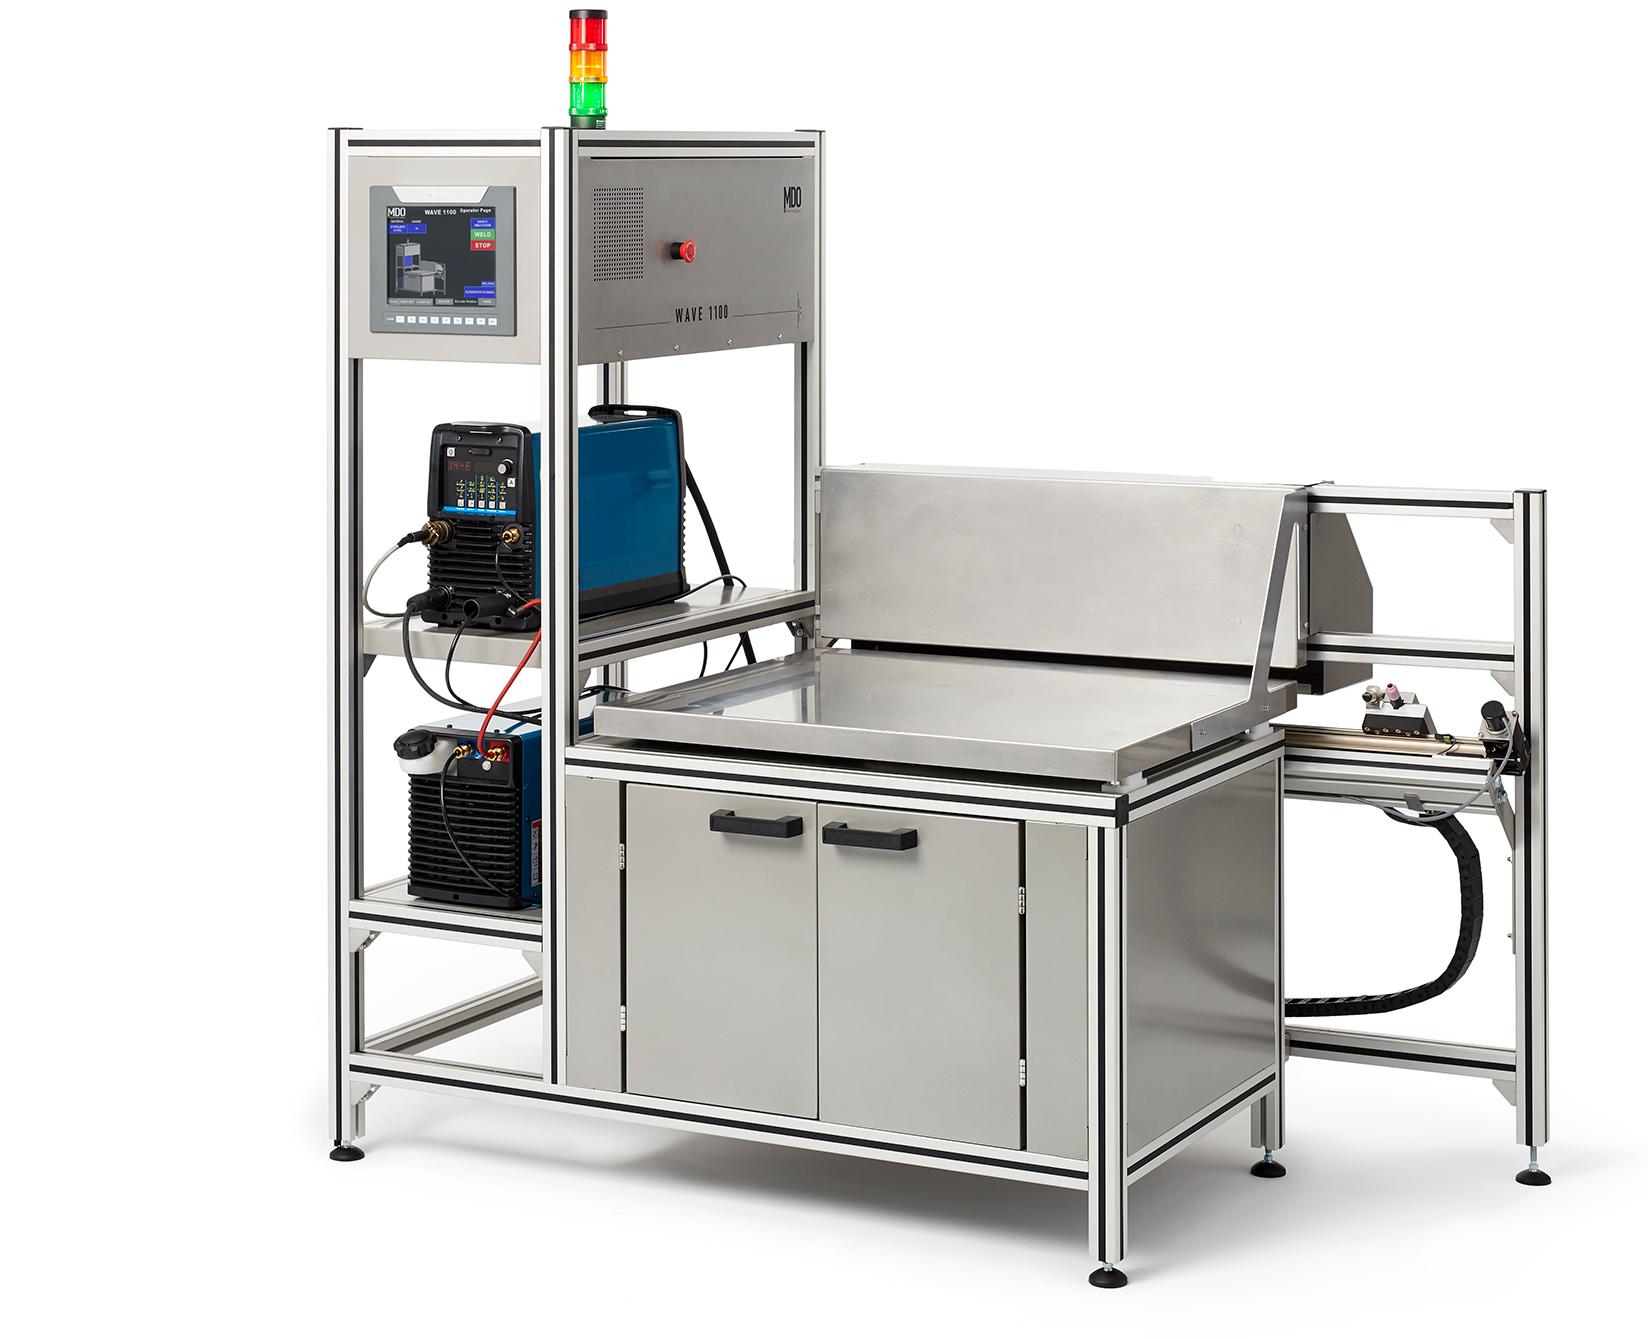 L'Ultime automate de soudure au TIG à son plus simple - Disponible à des longueurs de table de 36, 48, 60 et 72 pouces.